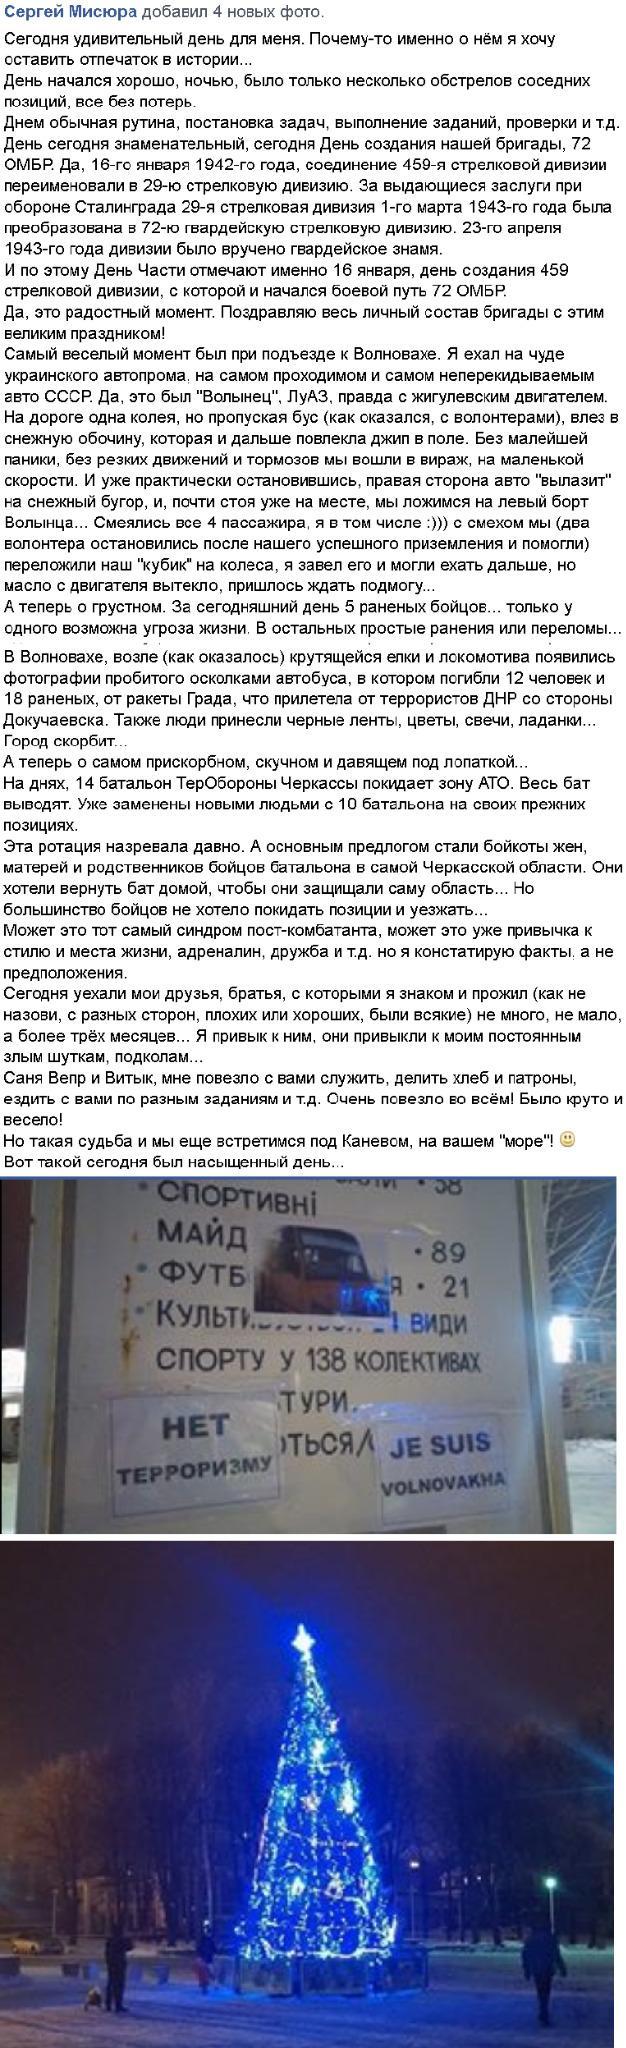 Террористы обстреляли из артиллерии прилегающие к аэропорту Донецка населенные пункты. Больше всего пострадали Пески и Тоненькое, - штаб АТО - Цензор.НЕТ 3283